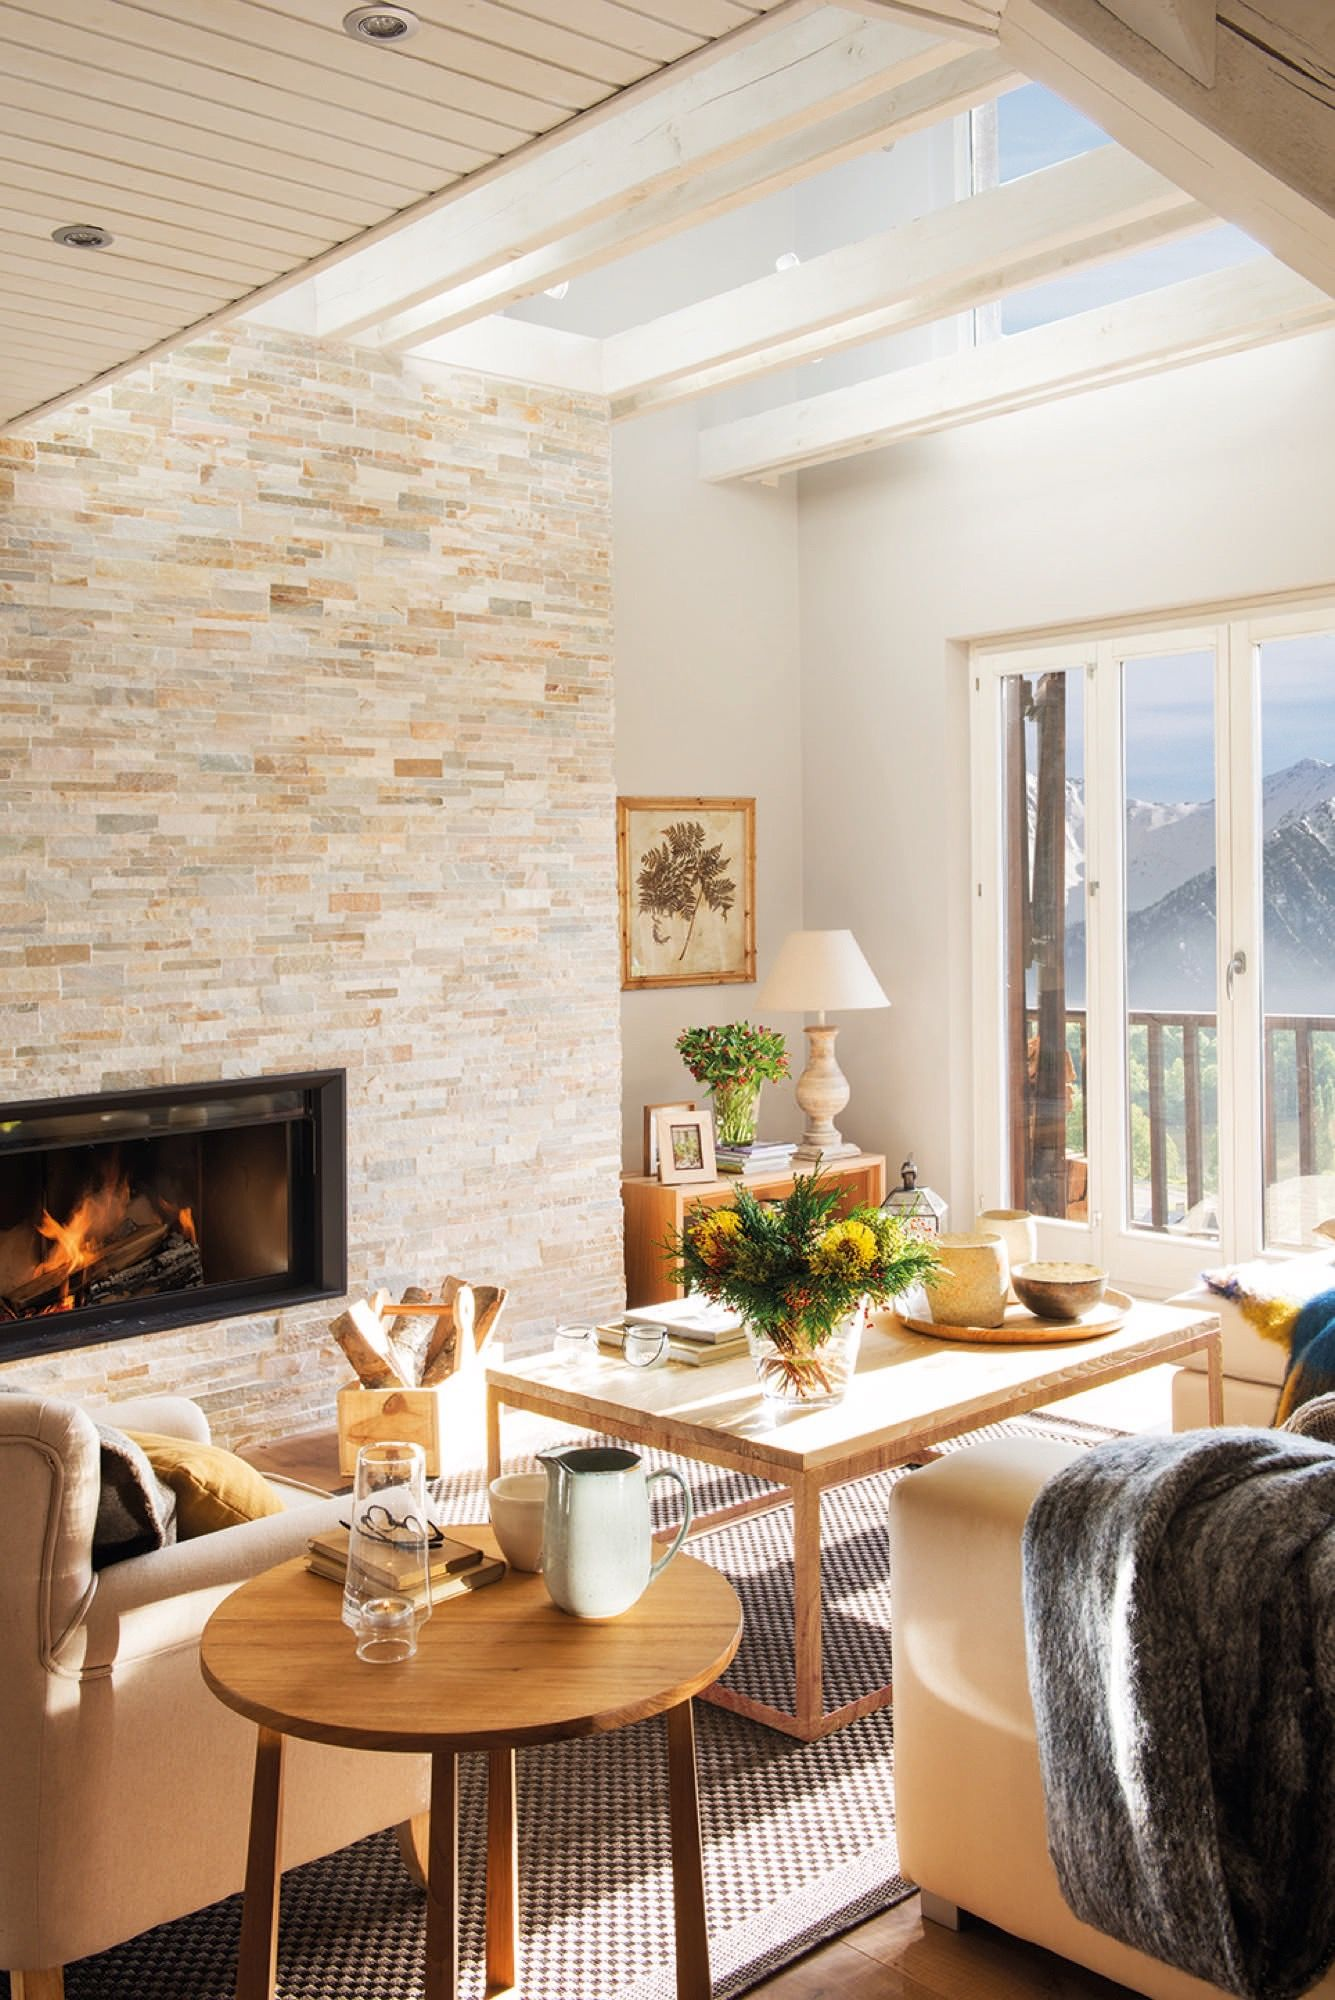 Salon con chimenea en un piso de monta a casas de campo for Chimeneas en apartamentos pequenos